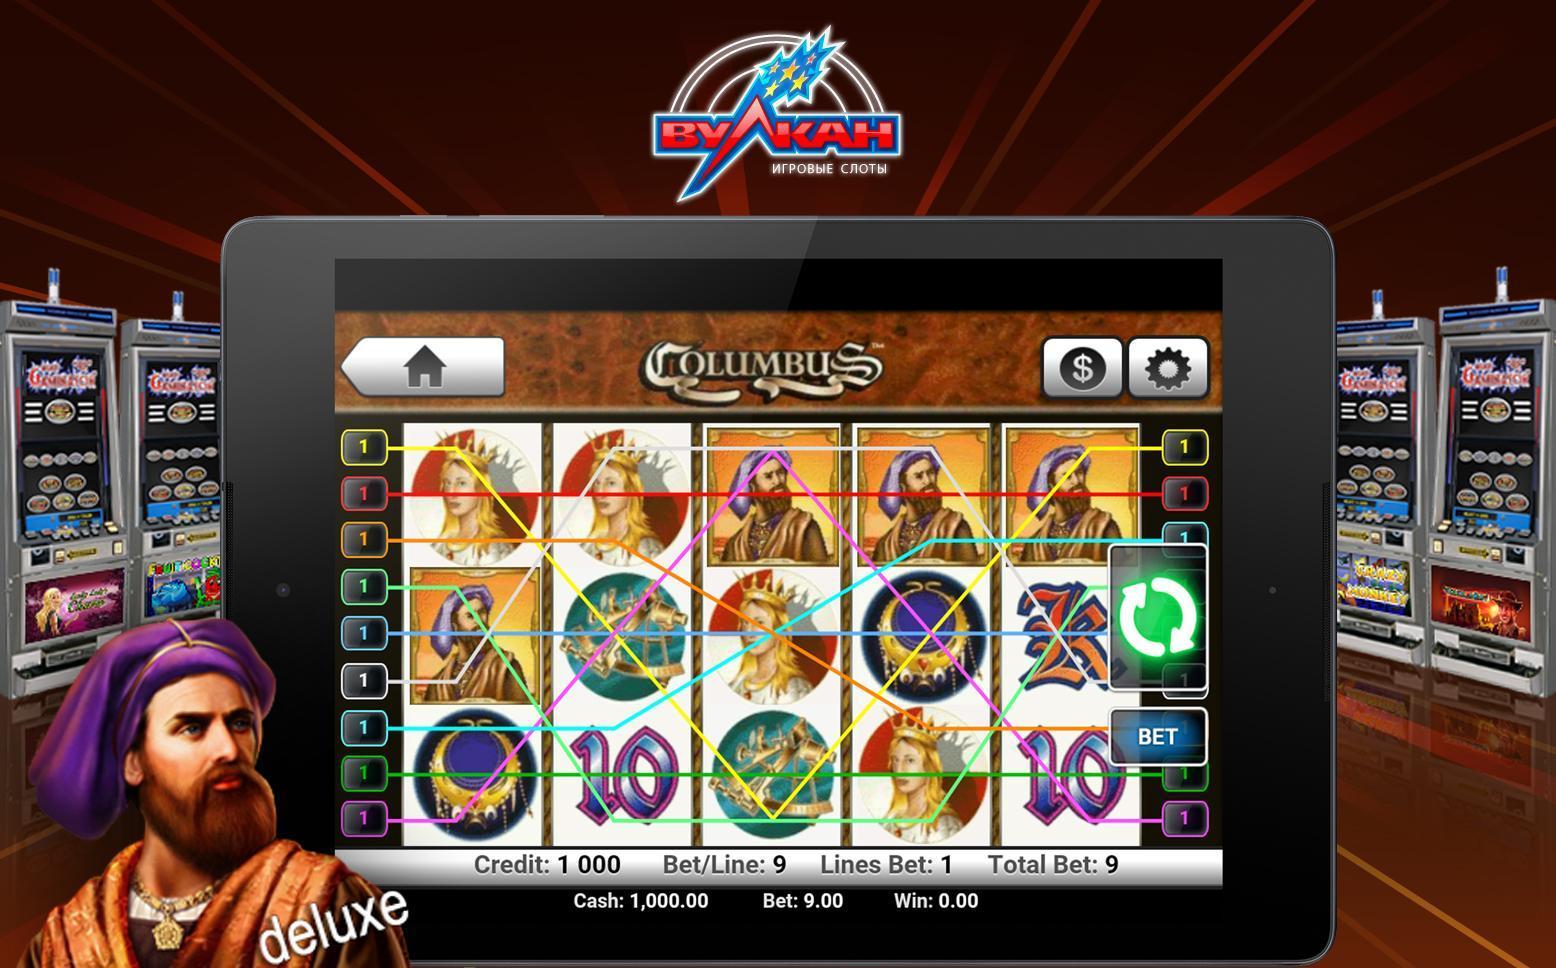 Columbus adventure игровые аппараты скачать игровые автоматы онлайн где при регистрации дают бонус деньги